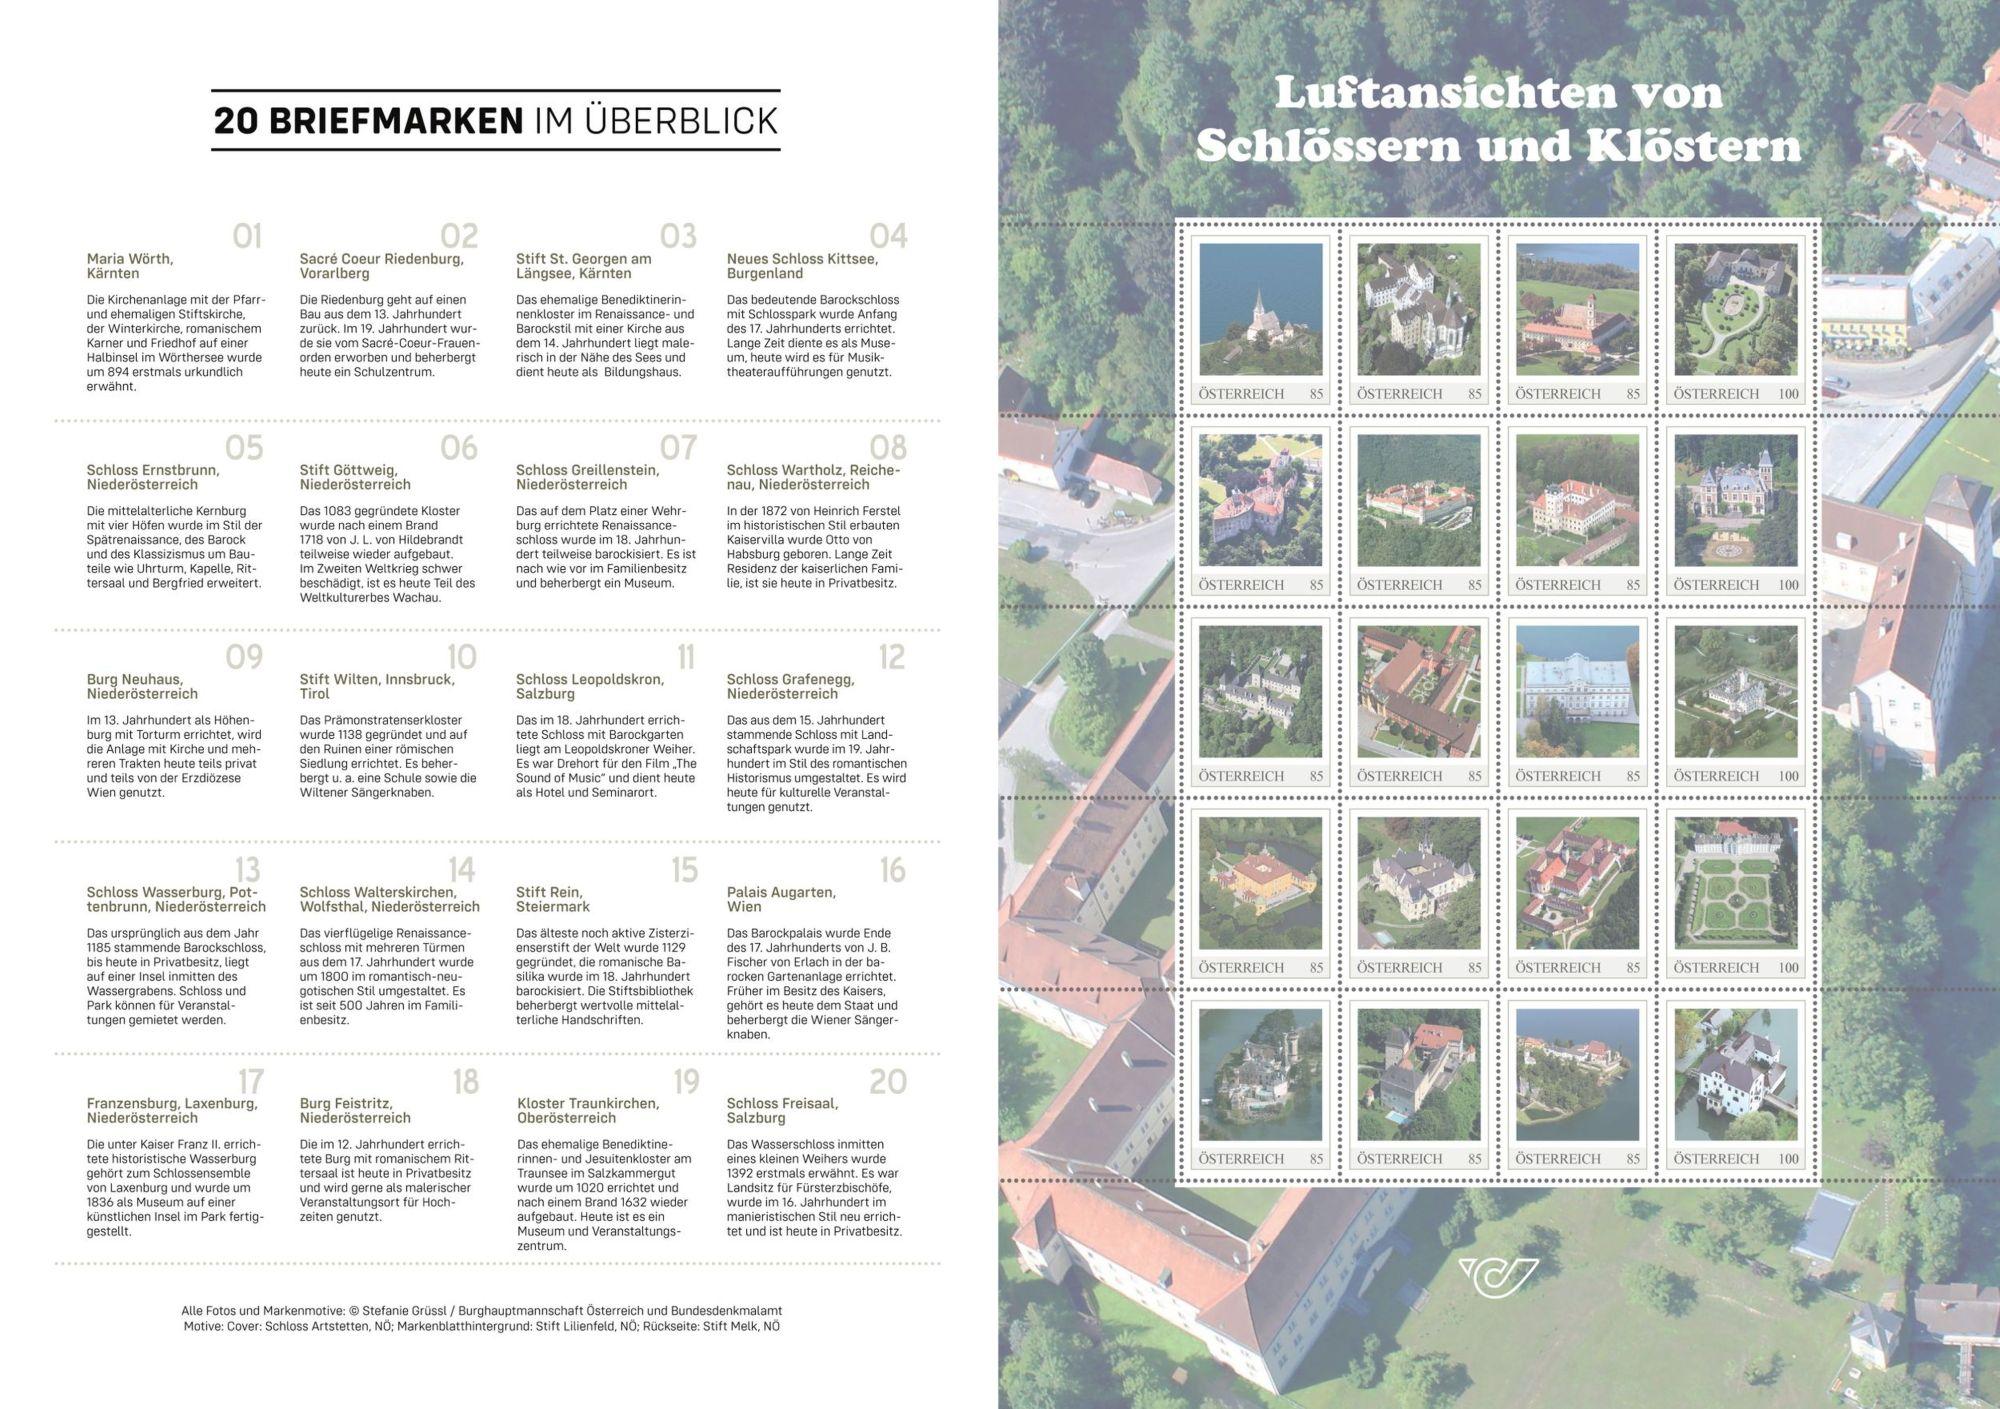 Sammelalbum Innenseite mit Beschreibungen der Luftbilder